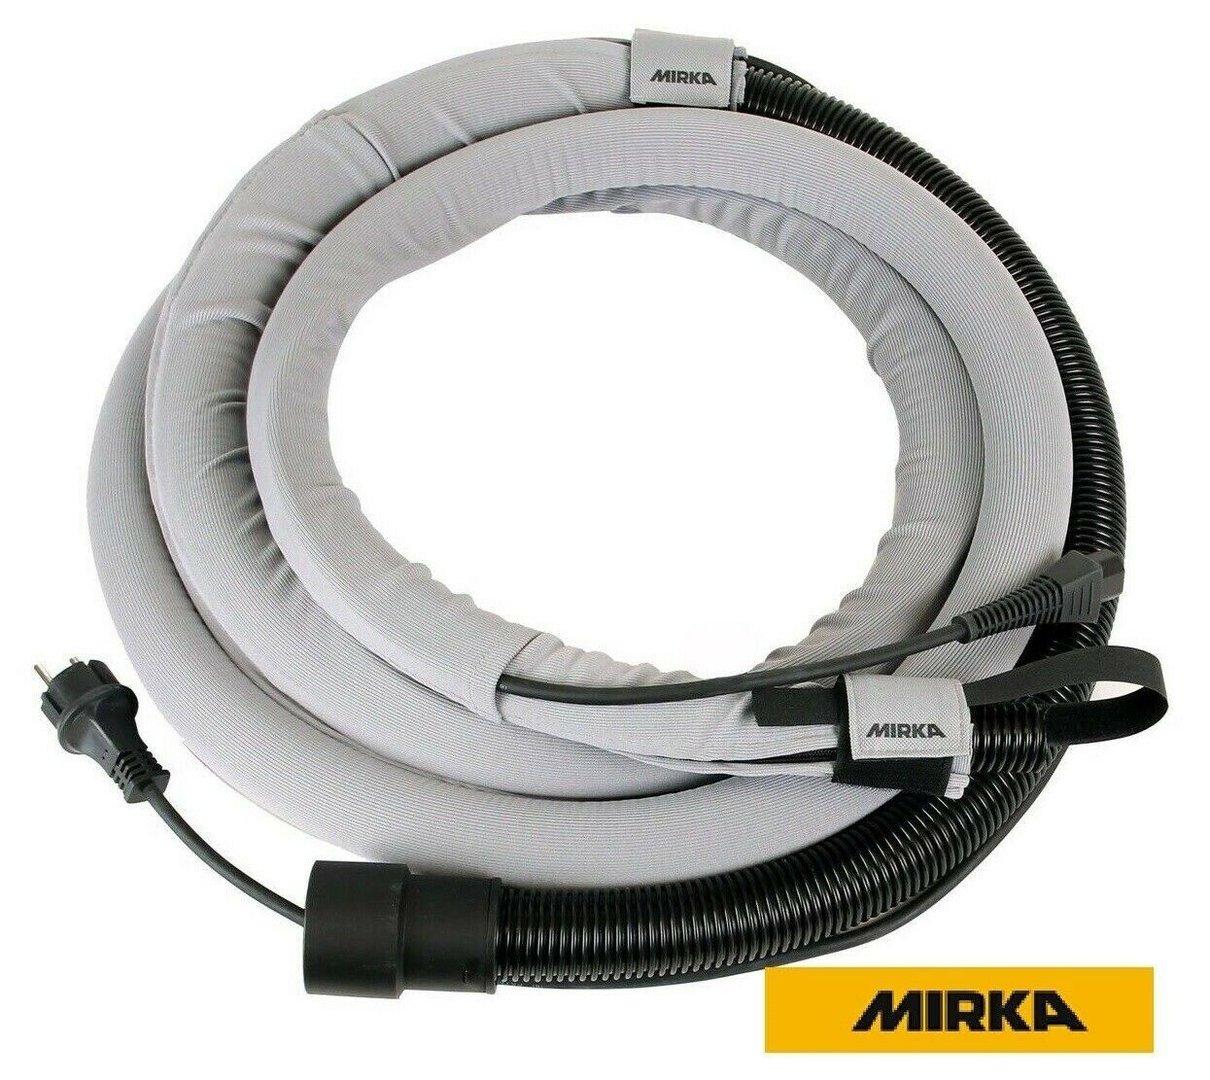 Mirka absaugschlauch Ø 27 mm x 4,0 m pour Industrie Aspirateur 1025,915,1230,1242